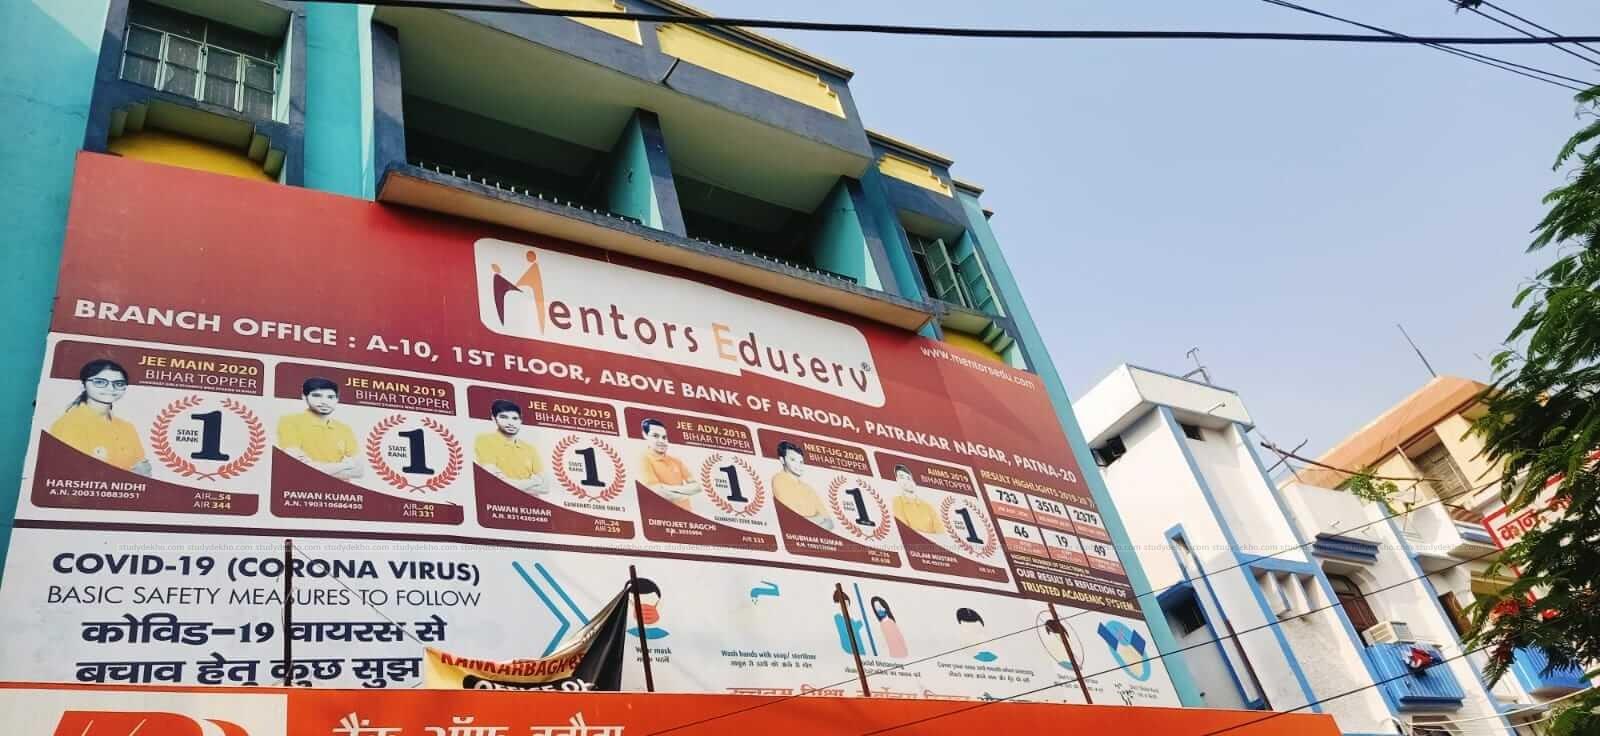 Mentors Eduserv Logo